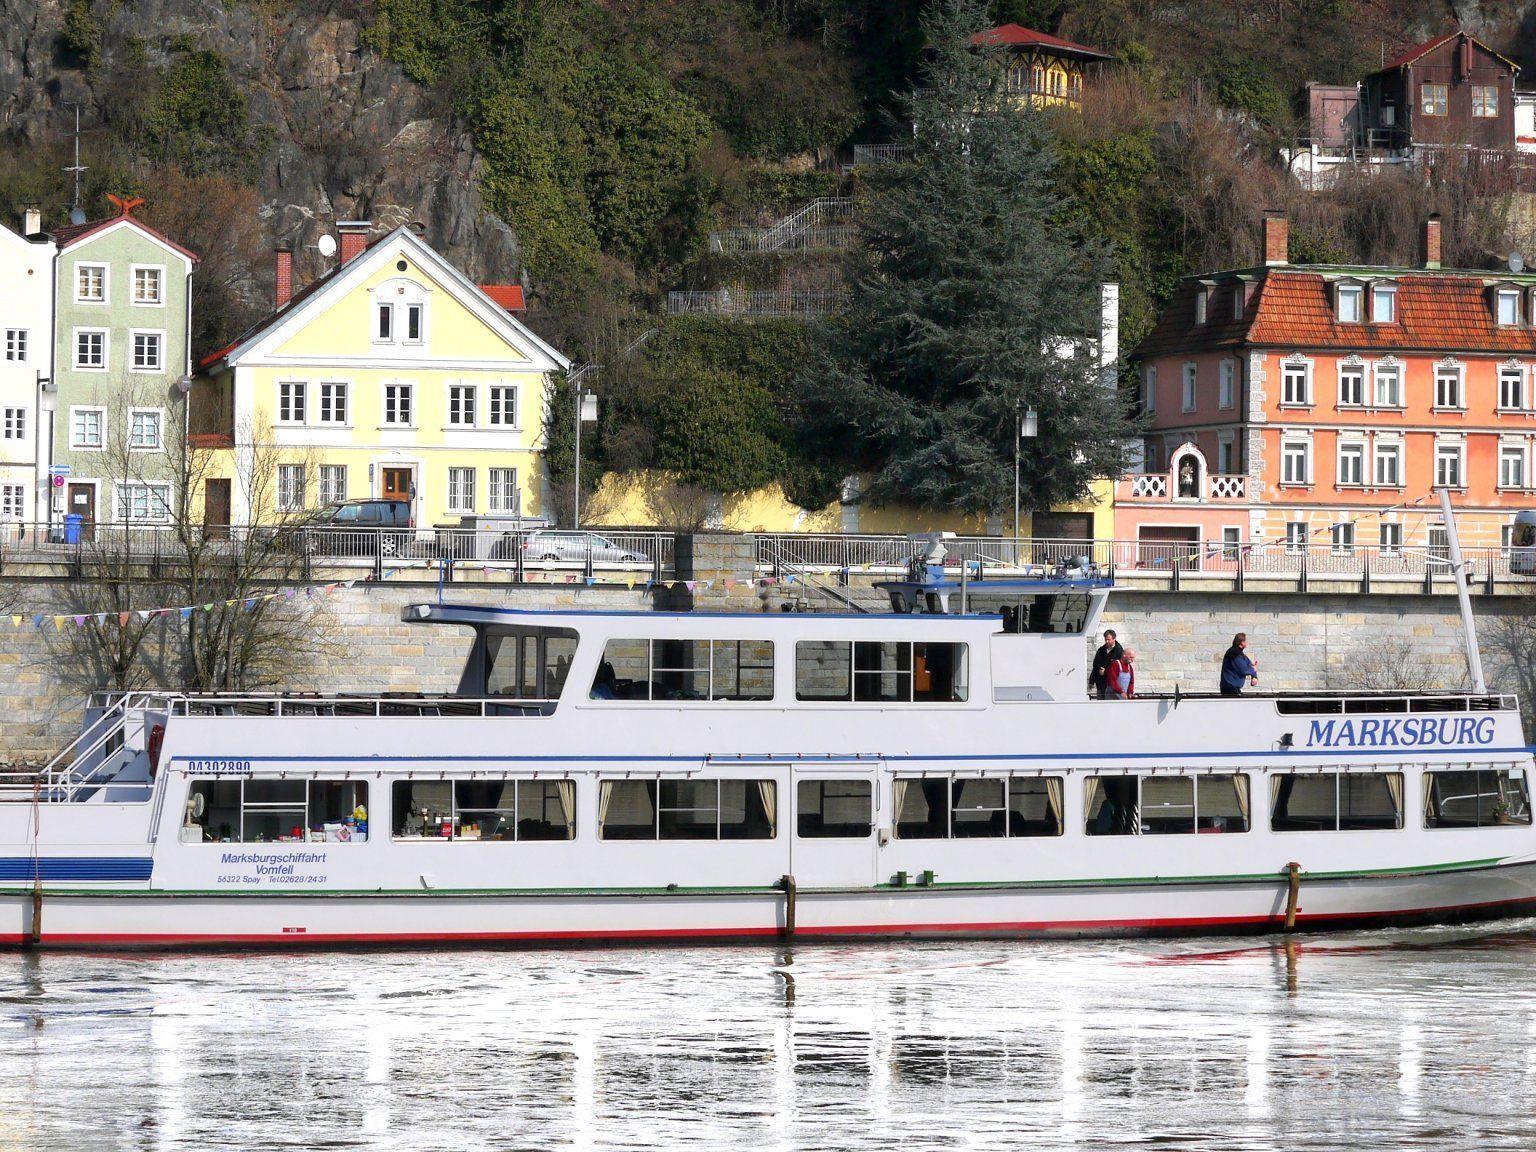 Ein 32 Meter langes, sechs Meter breites und 85 Tonnen schweres Freizeitschiff (undatiertes Archivbild) wird von Plesching nach Frymburk (Friedberg) am Moldaustausee in Tschechien gebracht.